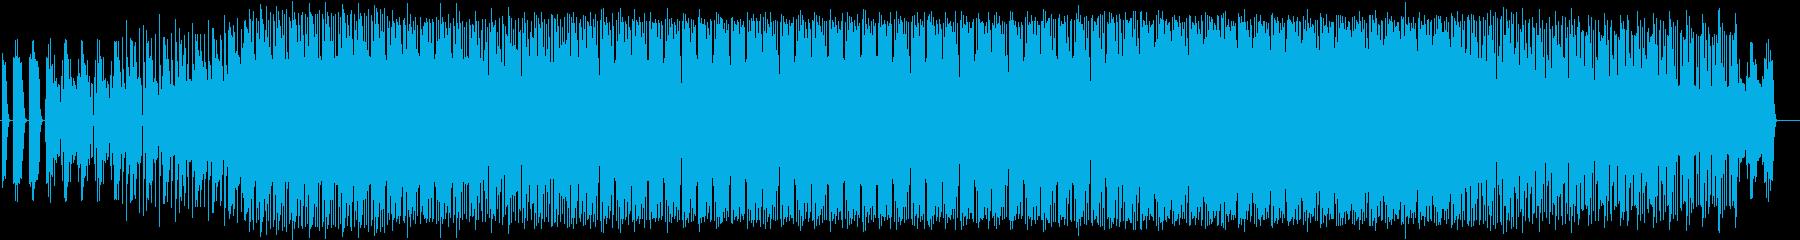 ふわふわしたエレクトロニカの再生済みの波形